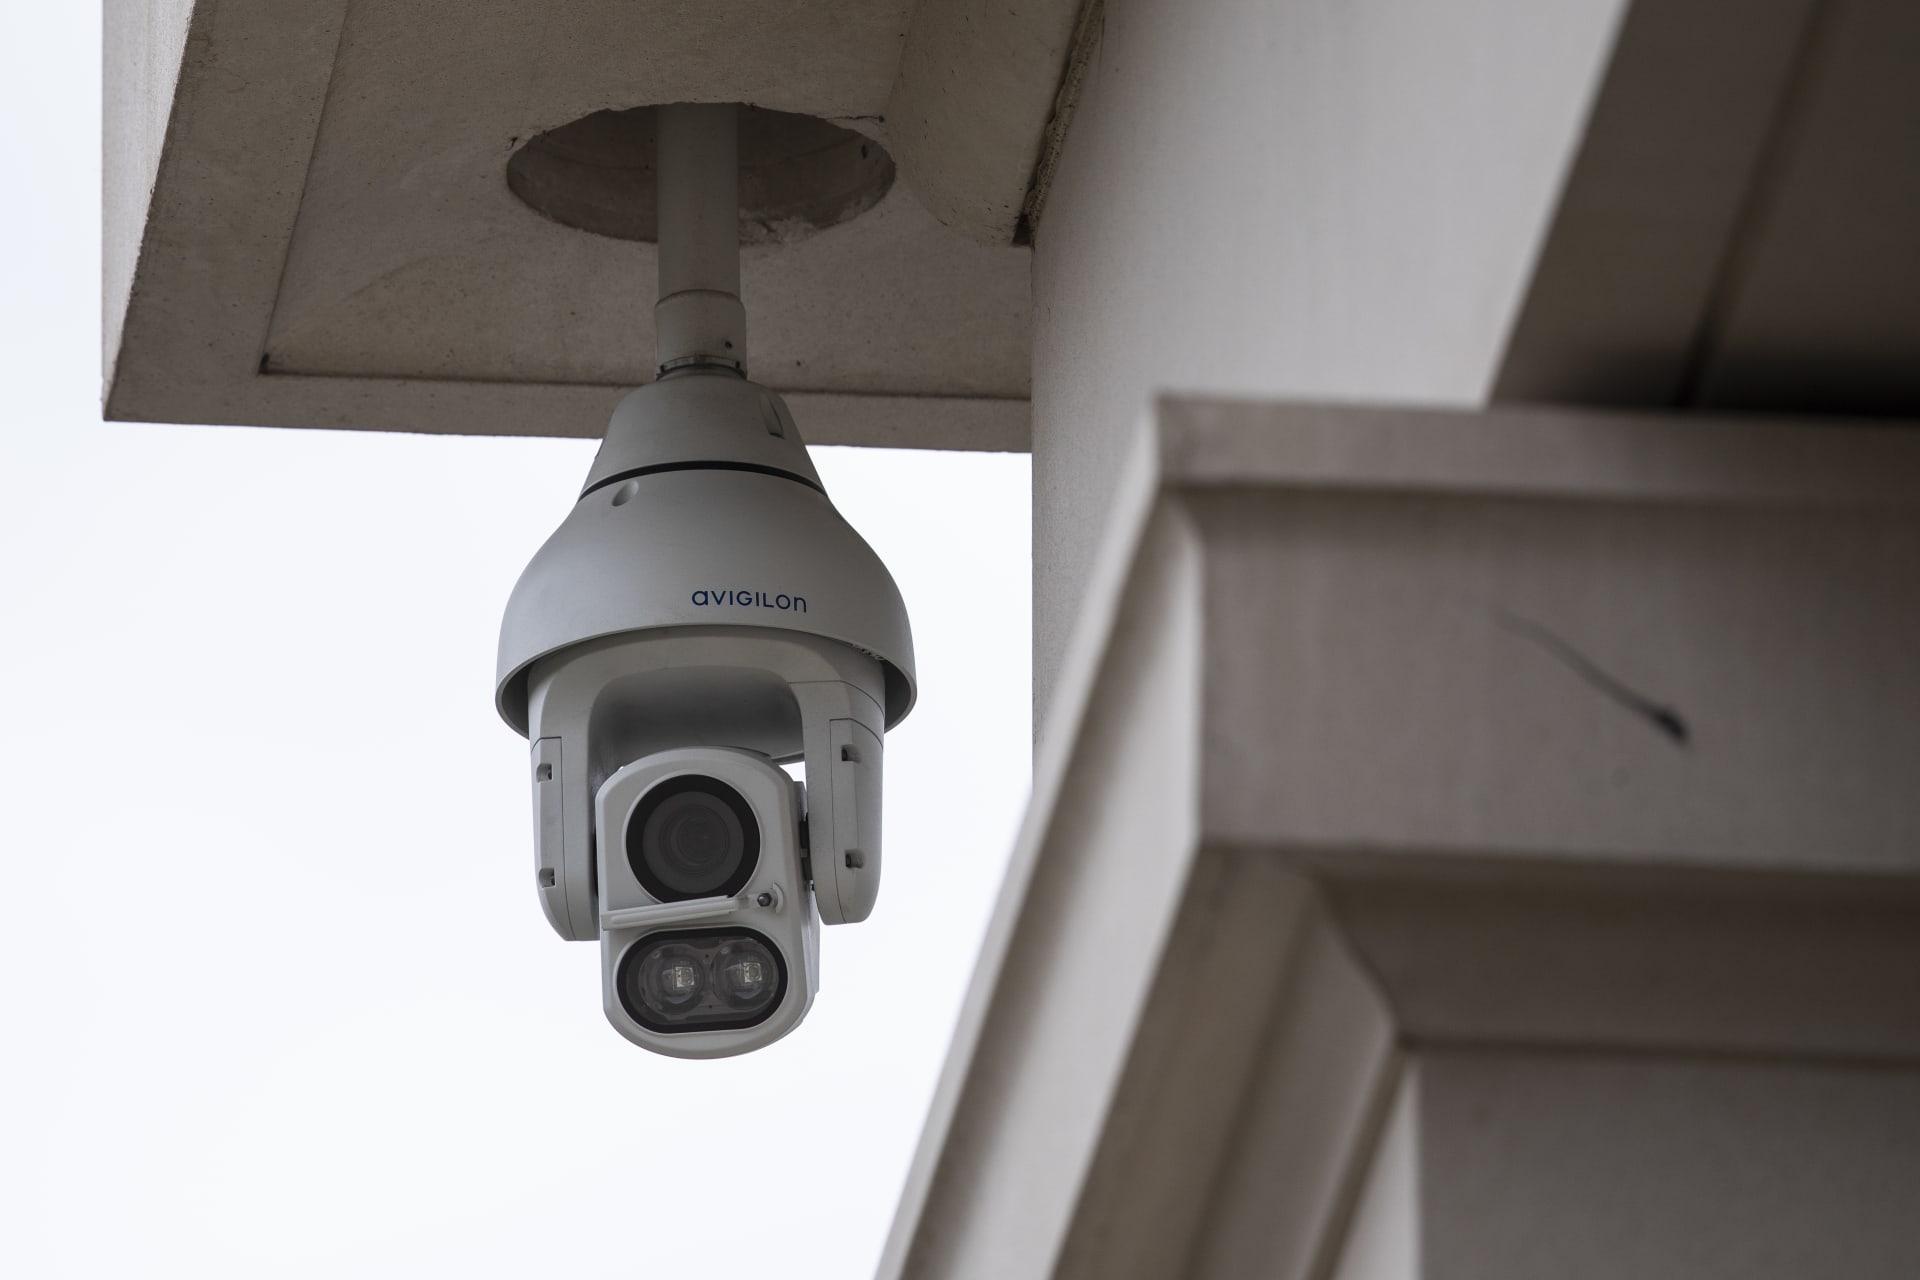 مدينة أمريكية تحظر استخدام الشرطة لتقنية التعرف على الوجه